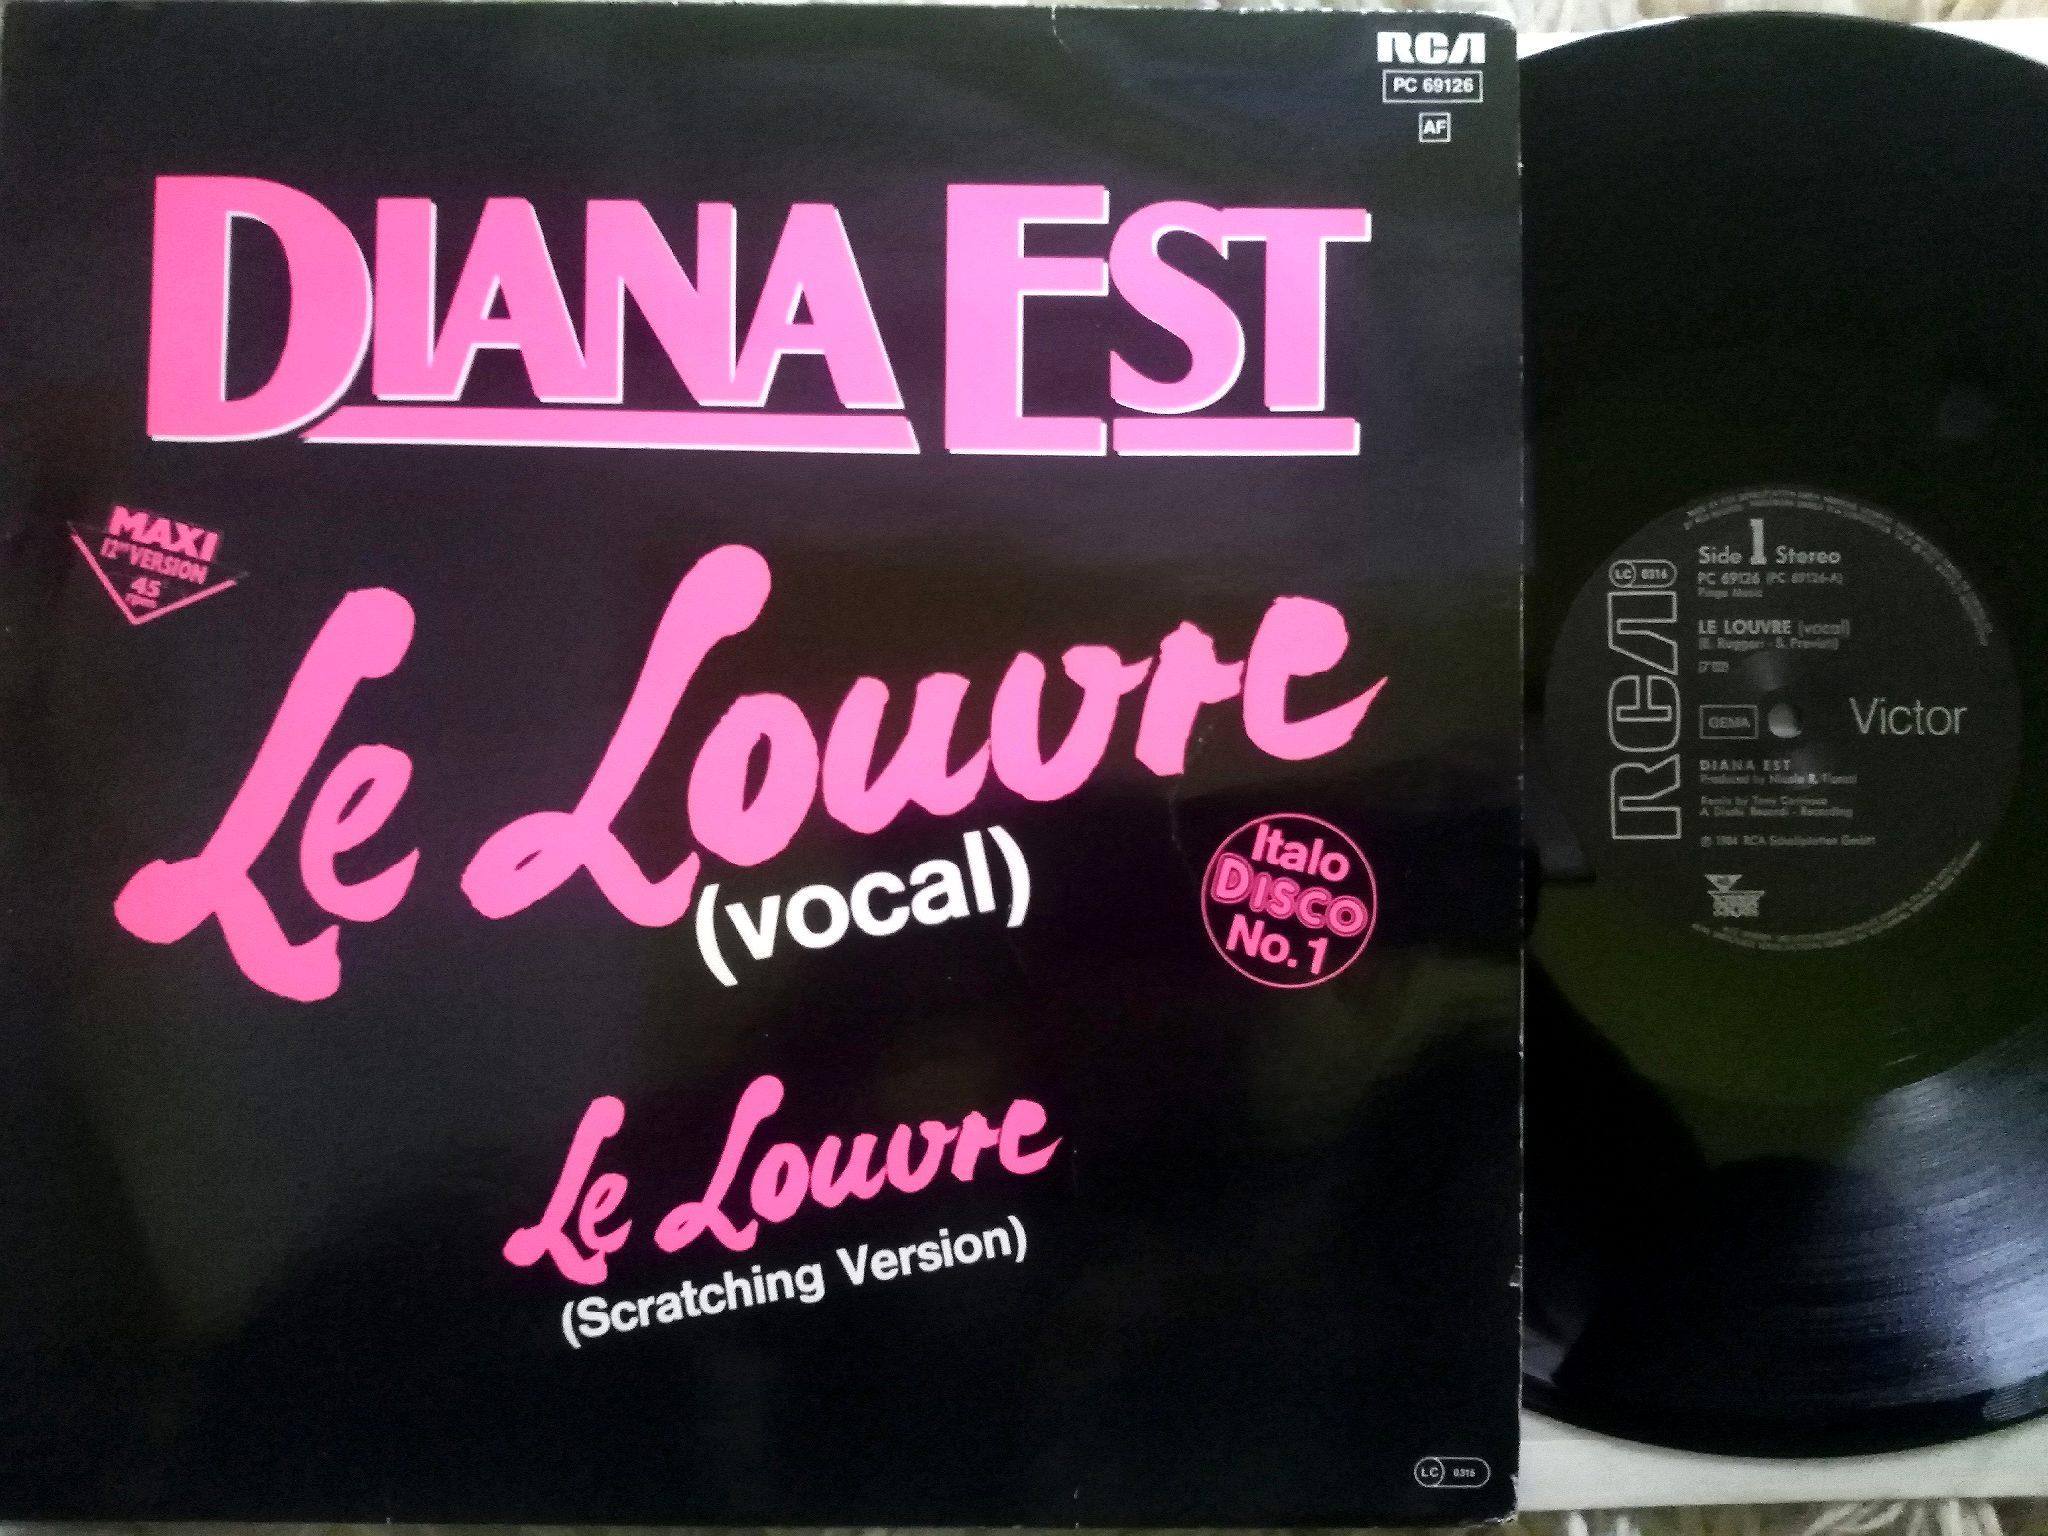 Diana Est - Le Louvre